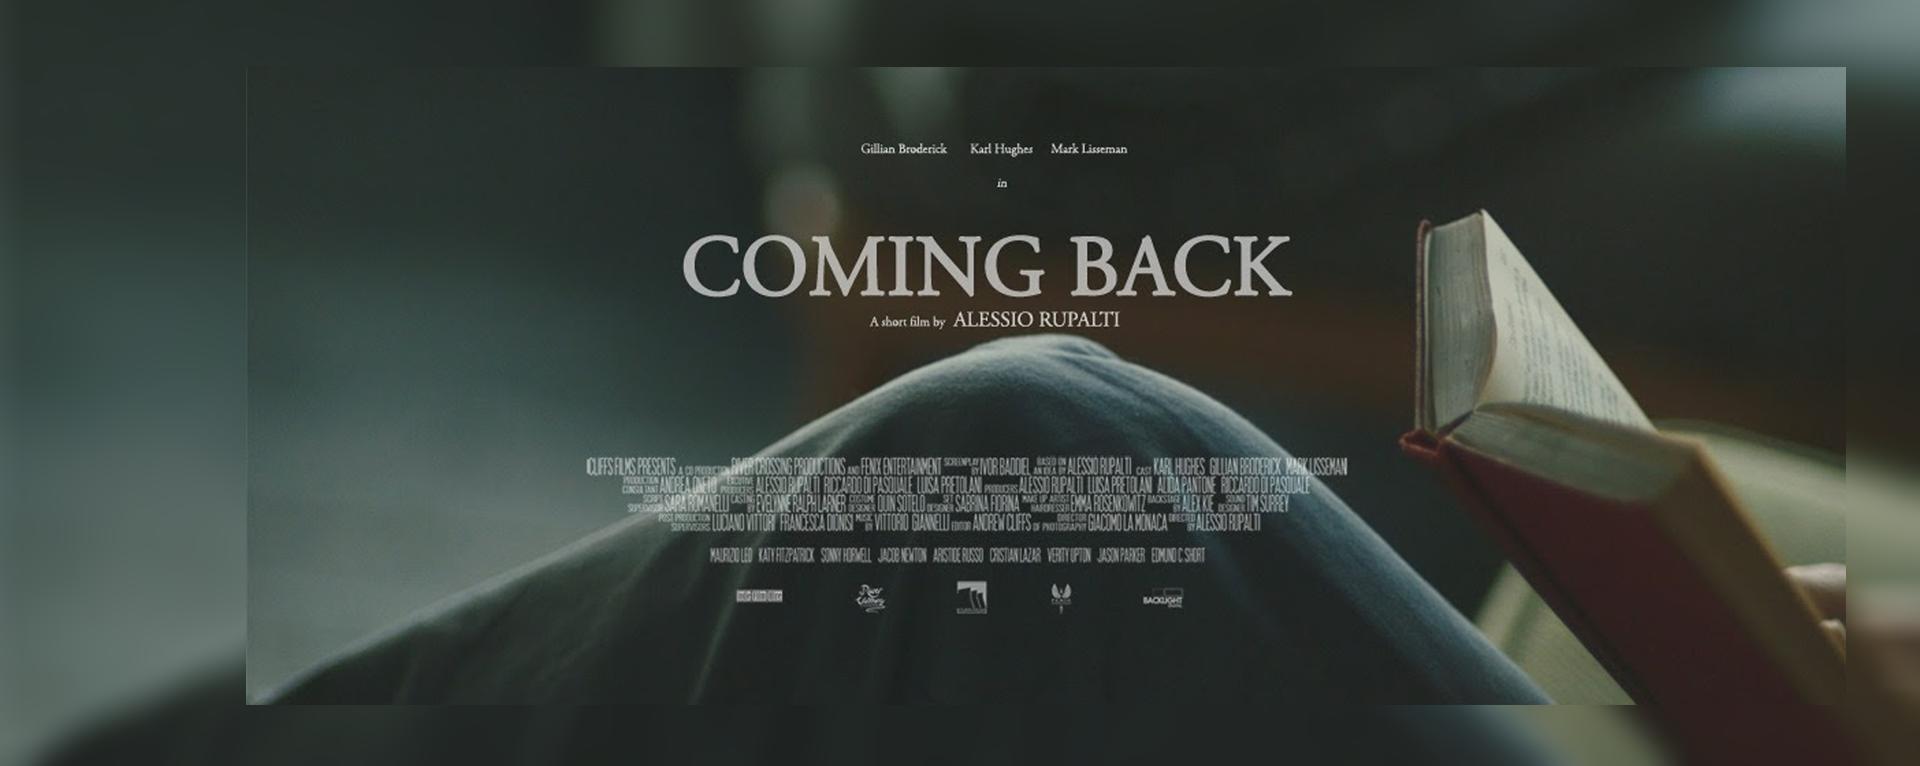 Coming Back, il film sulla Brexit di Alessio Rupalti